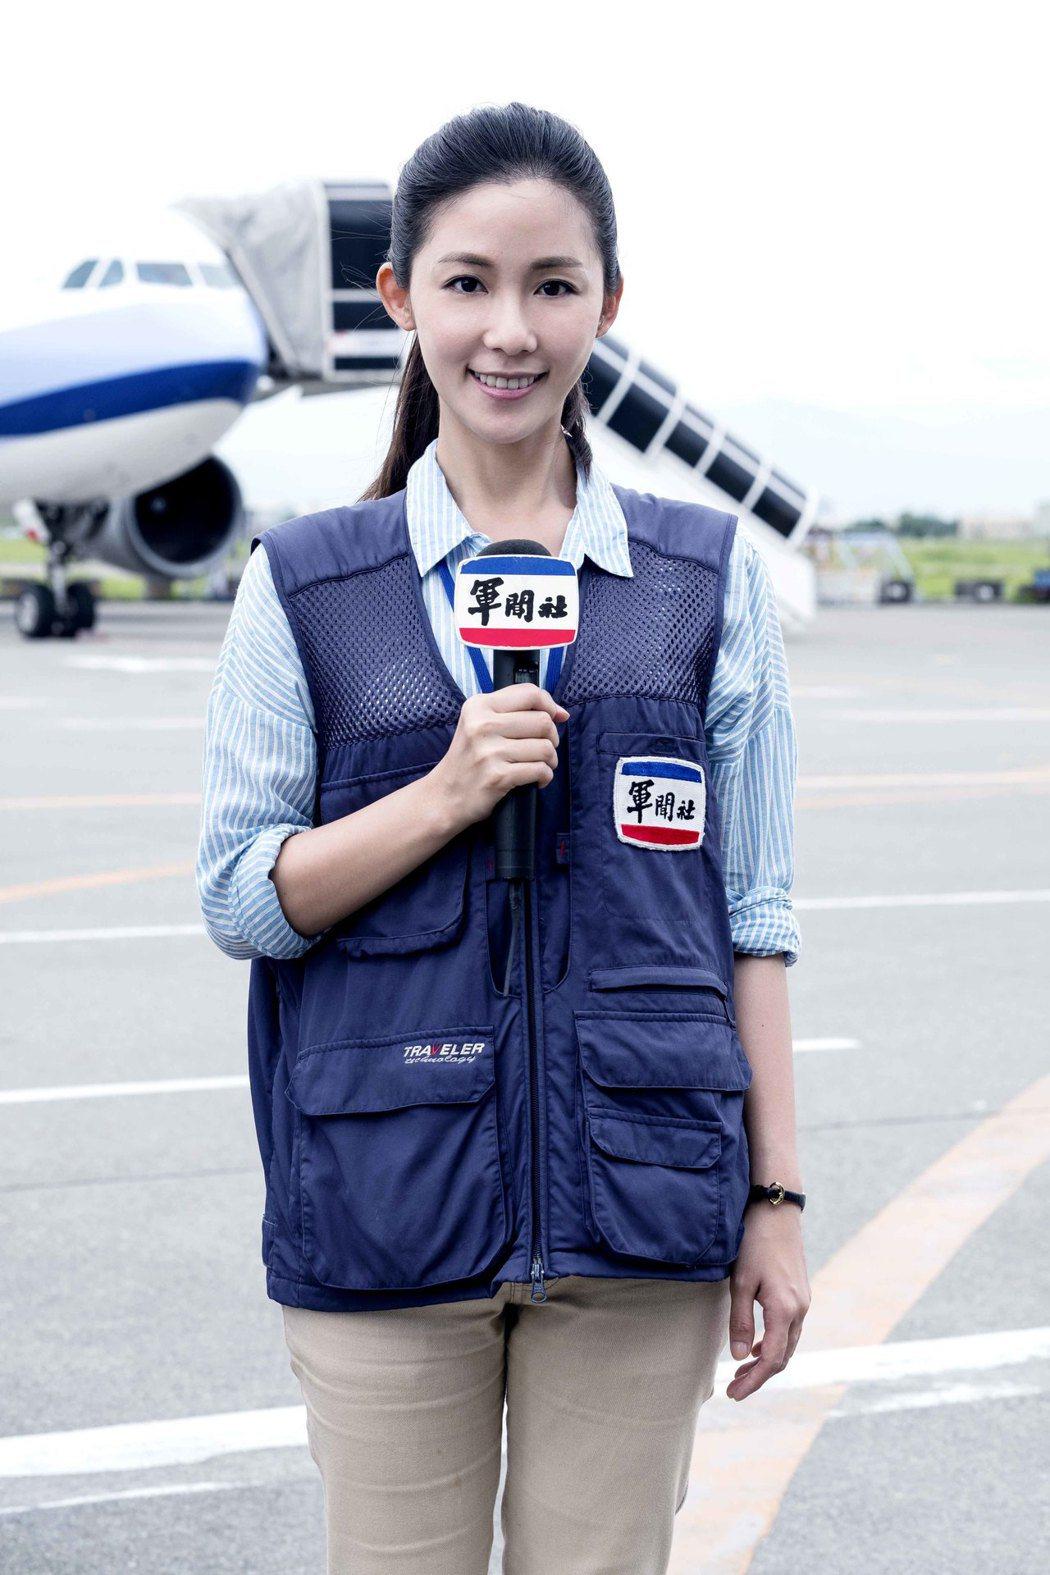 安唯綾在「最好的選擇」中飾演軍聞社記者。圖/緯來提供